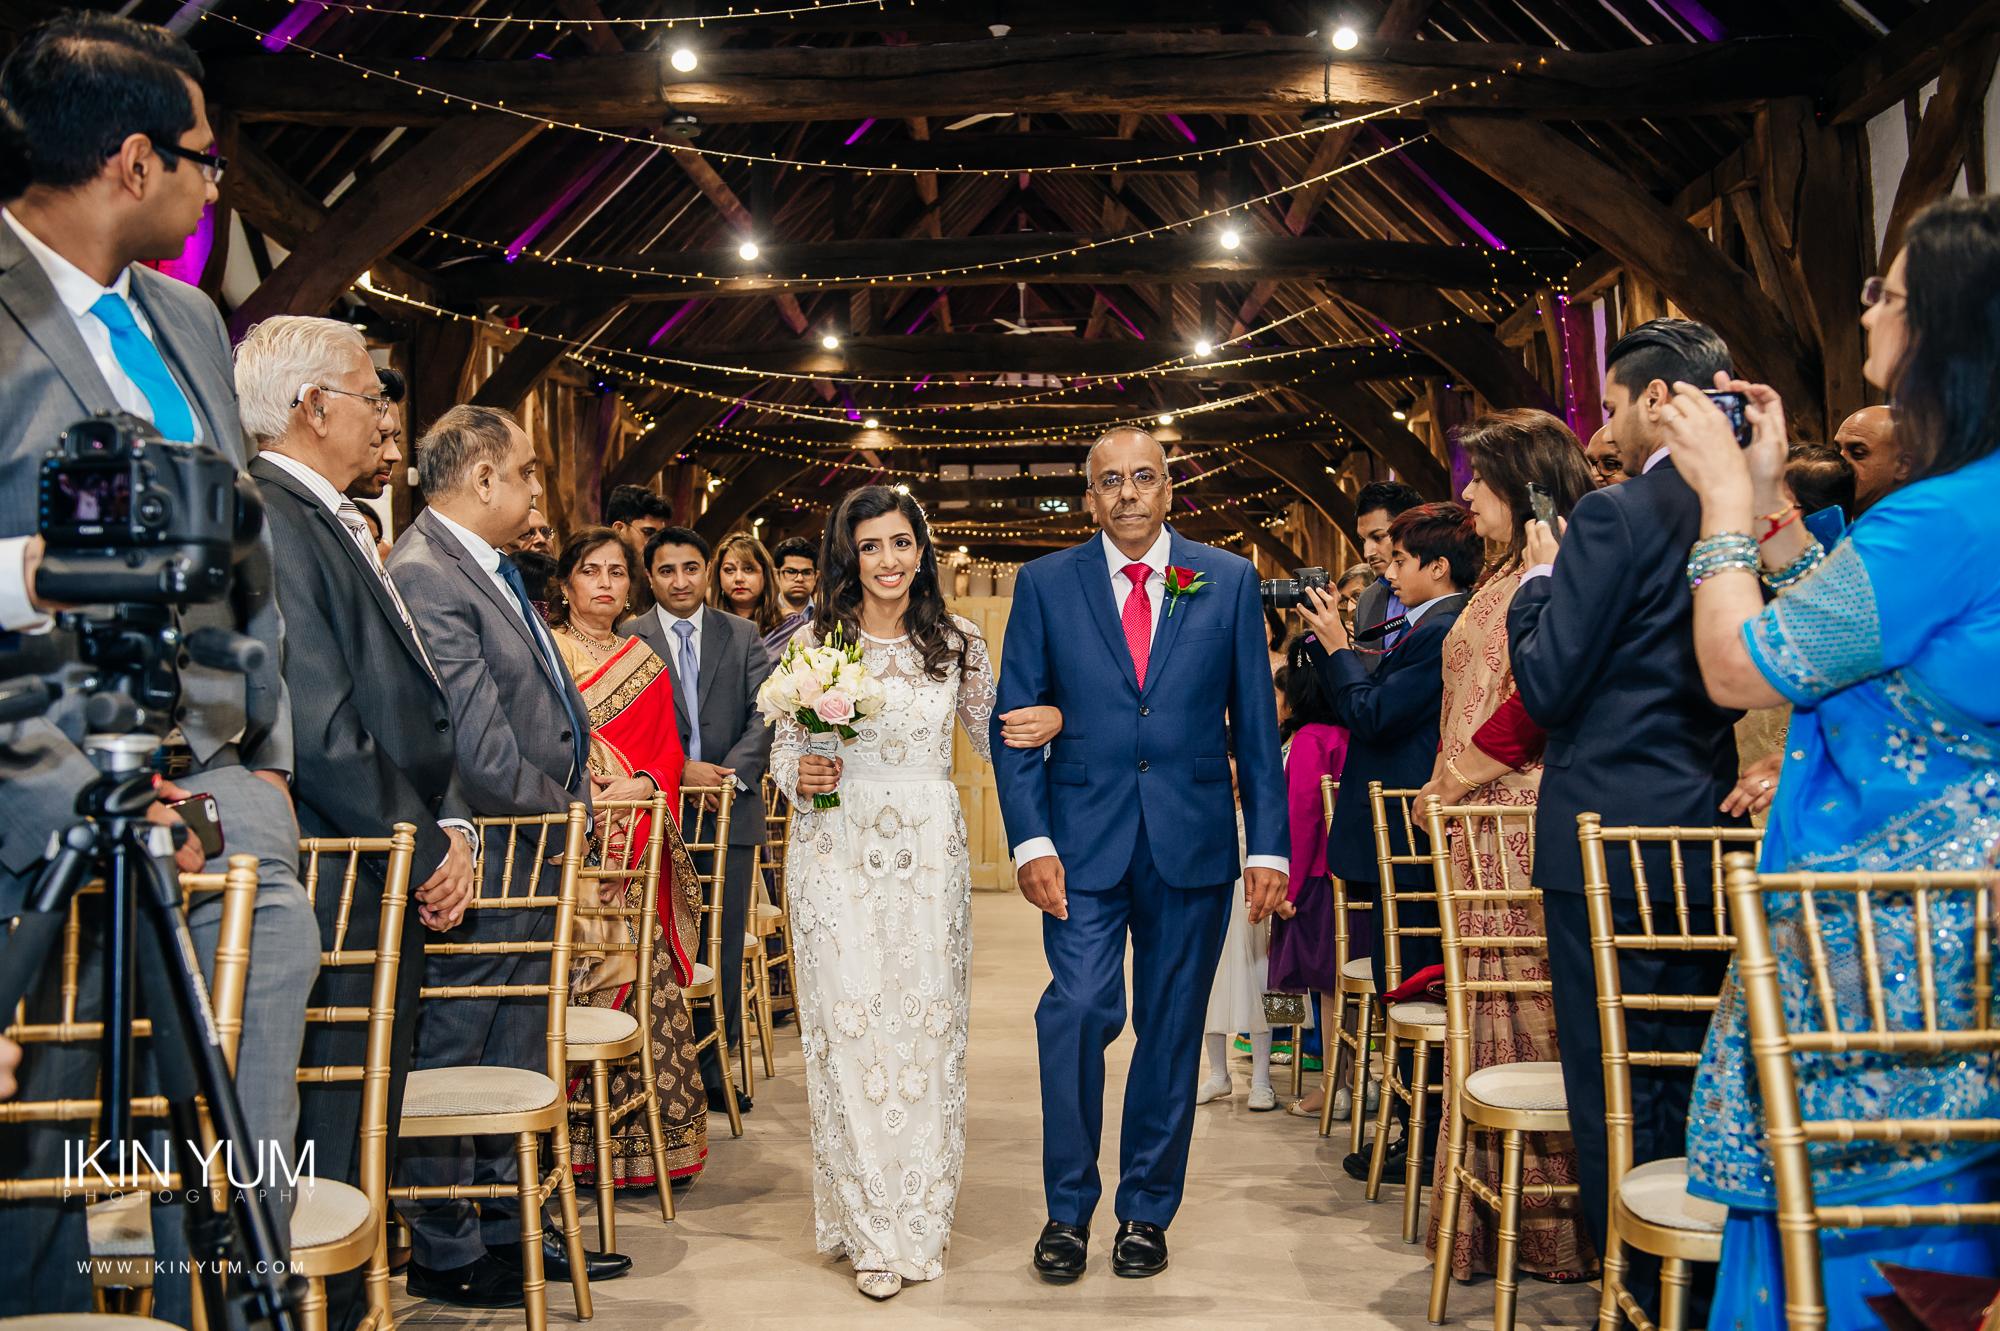 The Great Barn Wedding- Ikin Yum Photography-0033.jpg